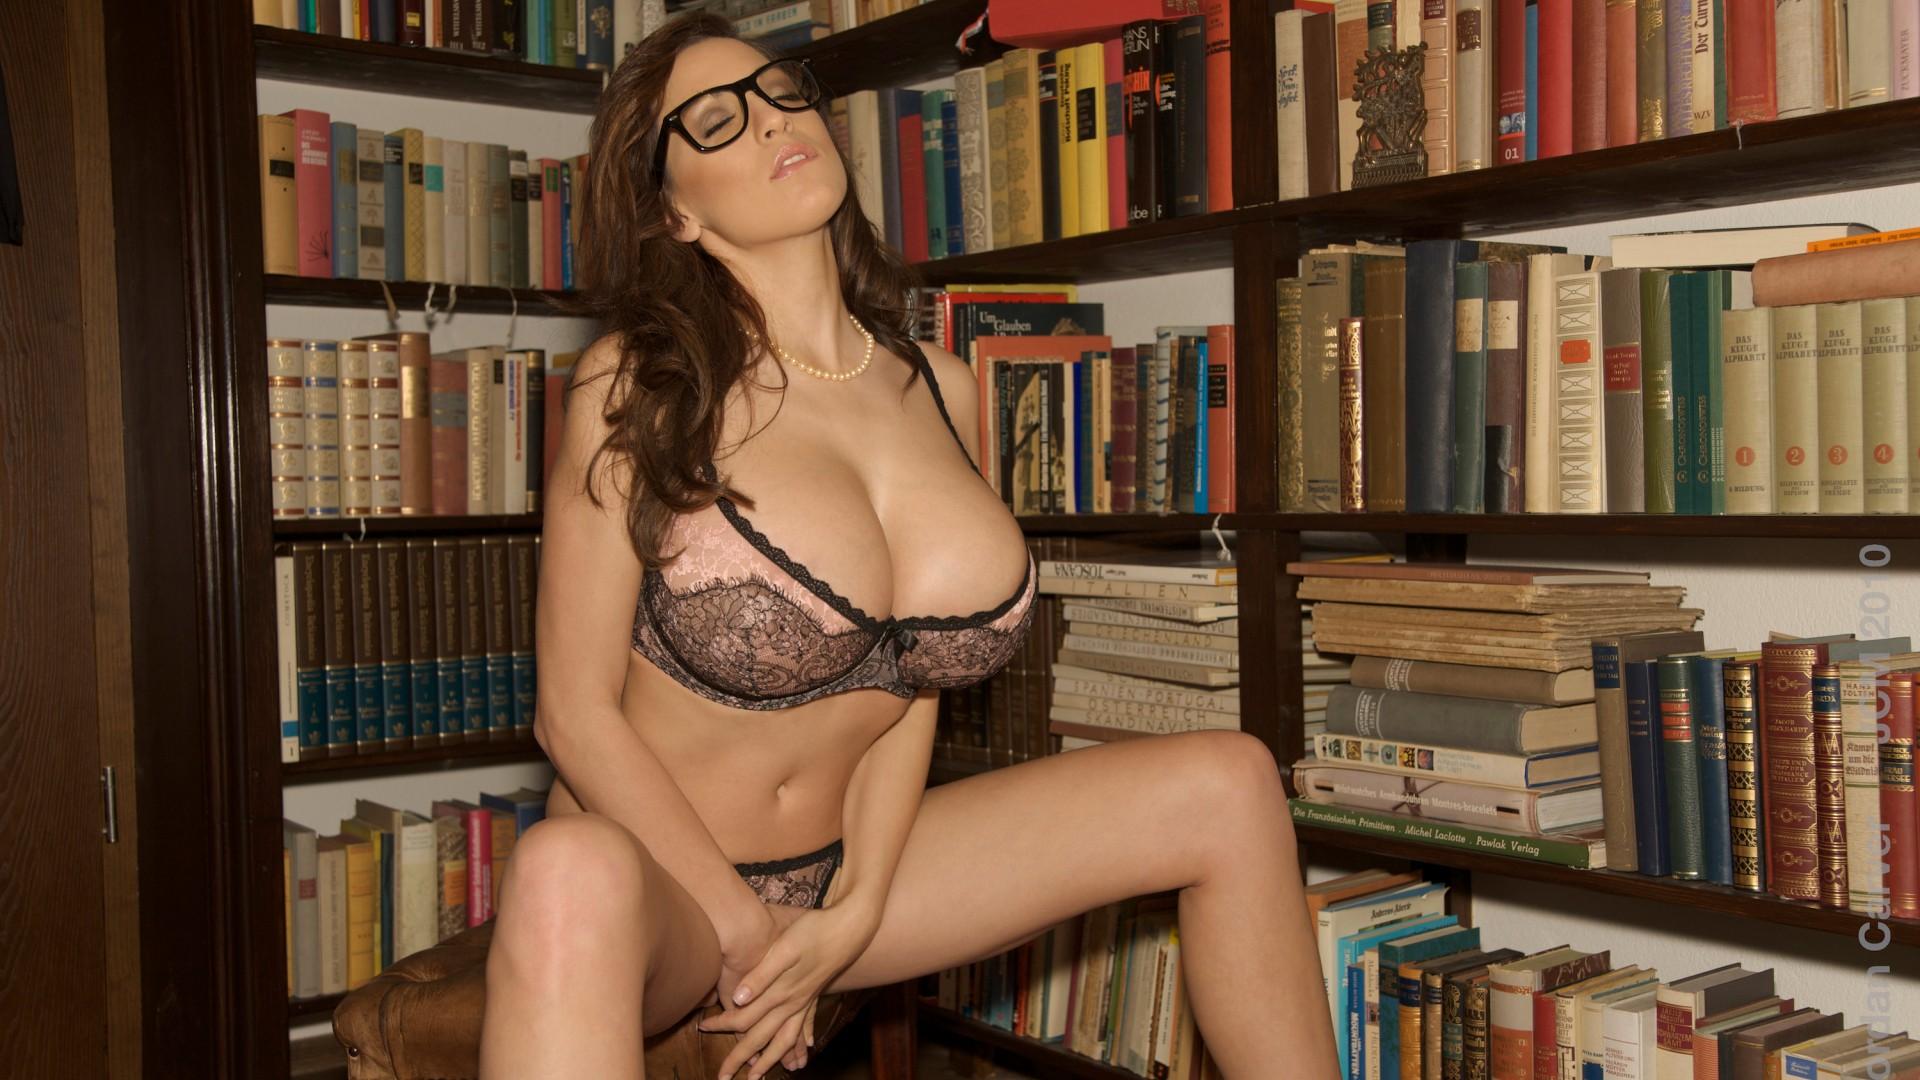 razvratnie-bibliotekarshi